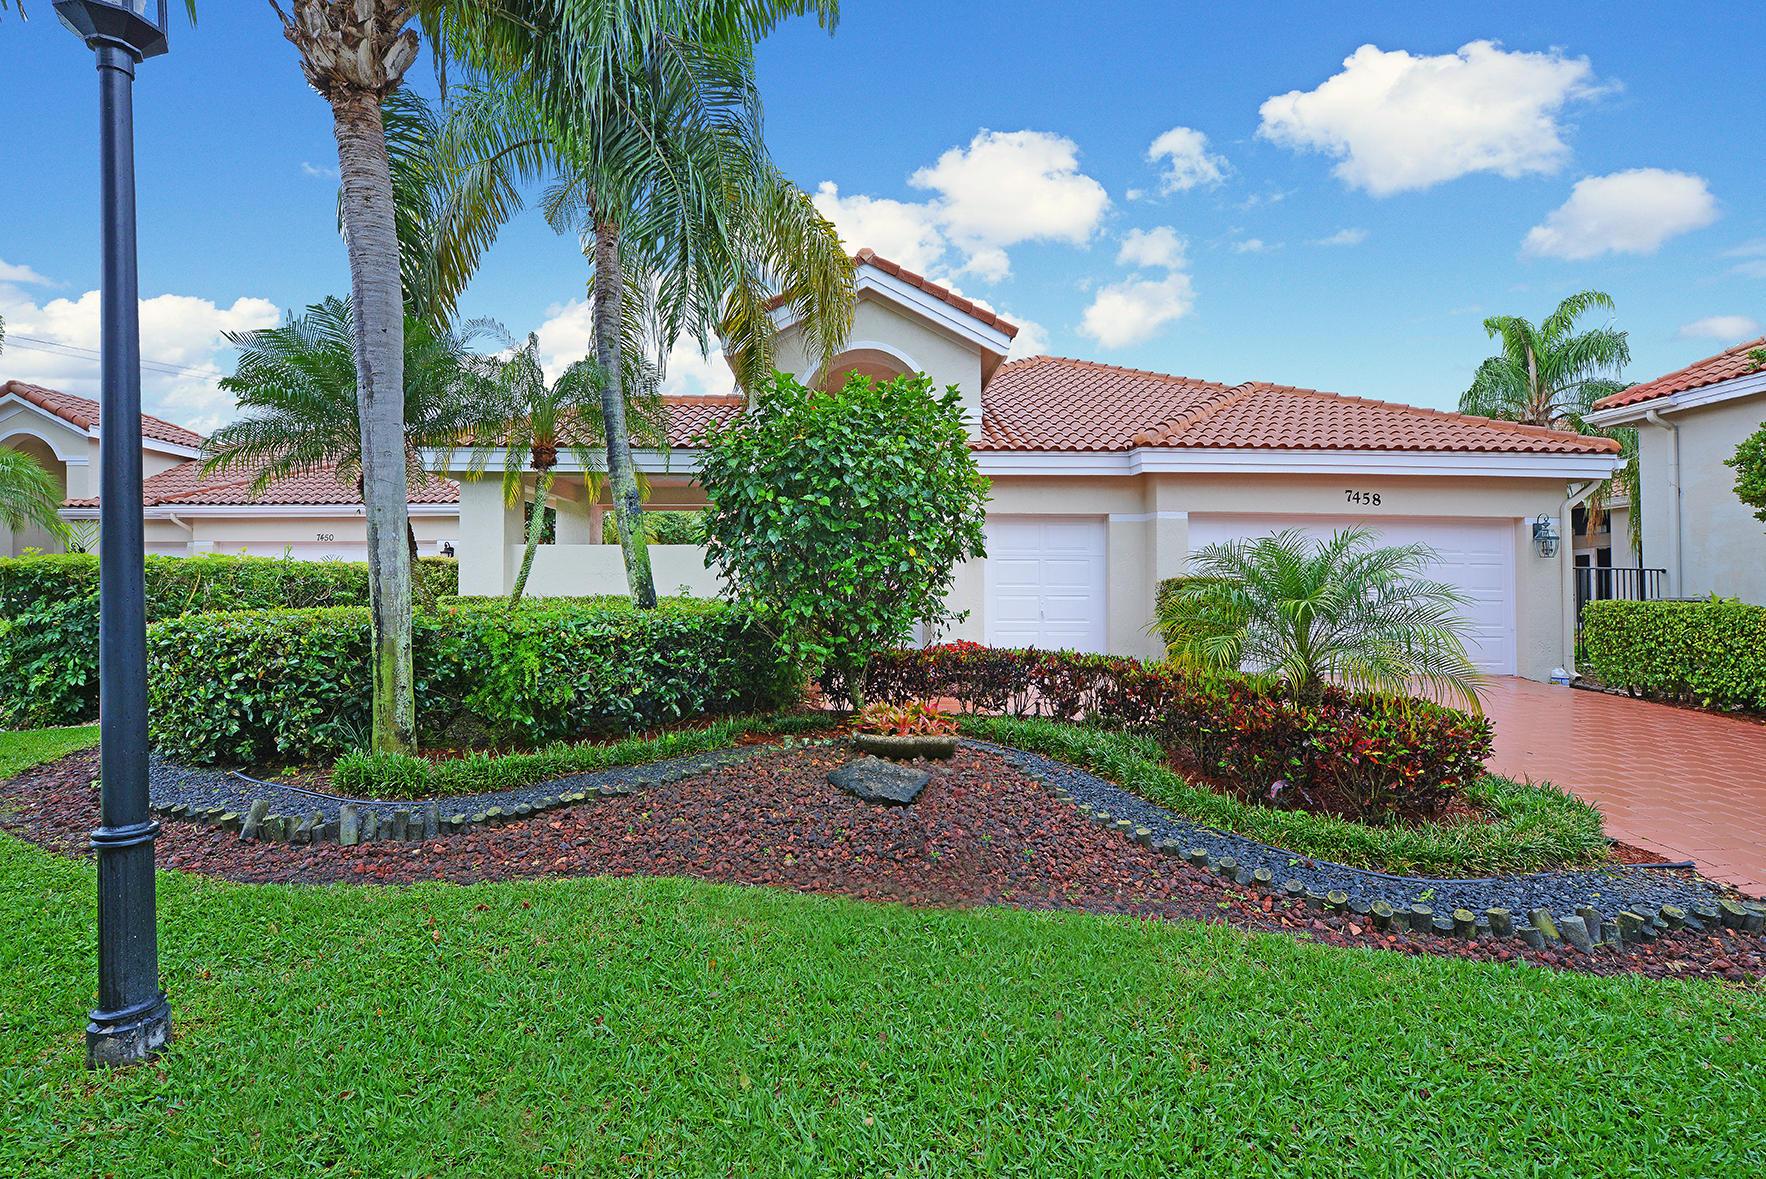 7458 Campo Florido  Boca Raton, FL 33433